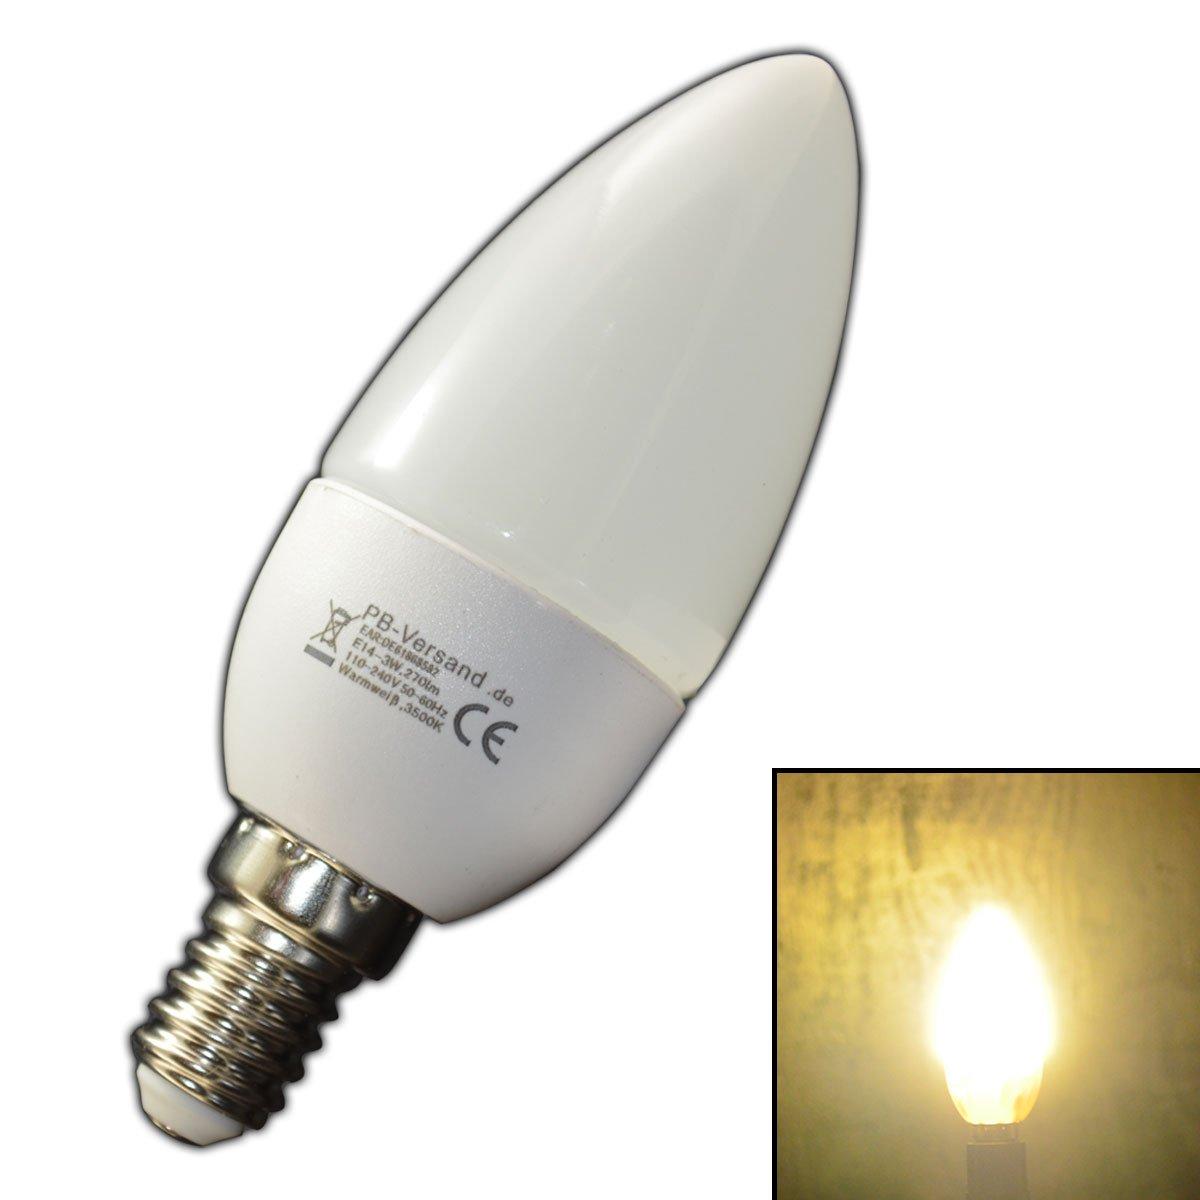 E14 led smd kerze kerzenform warmwei birne energiesparlampe e14 led smd kerze kerzenform warmwei birne energiesparlampe lampe strahler amazon beleuchtung parisarafo Gallery